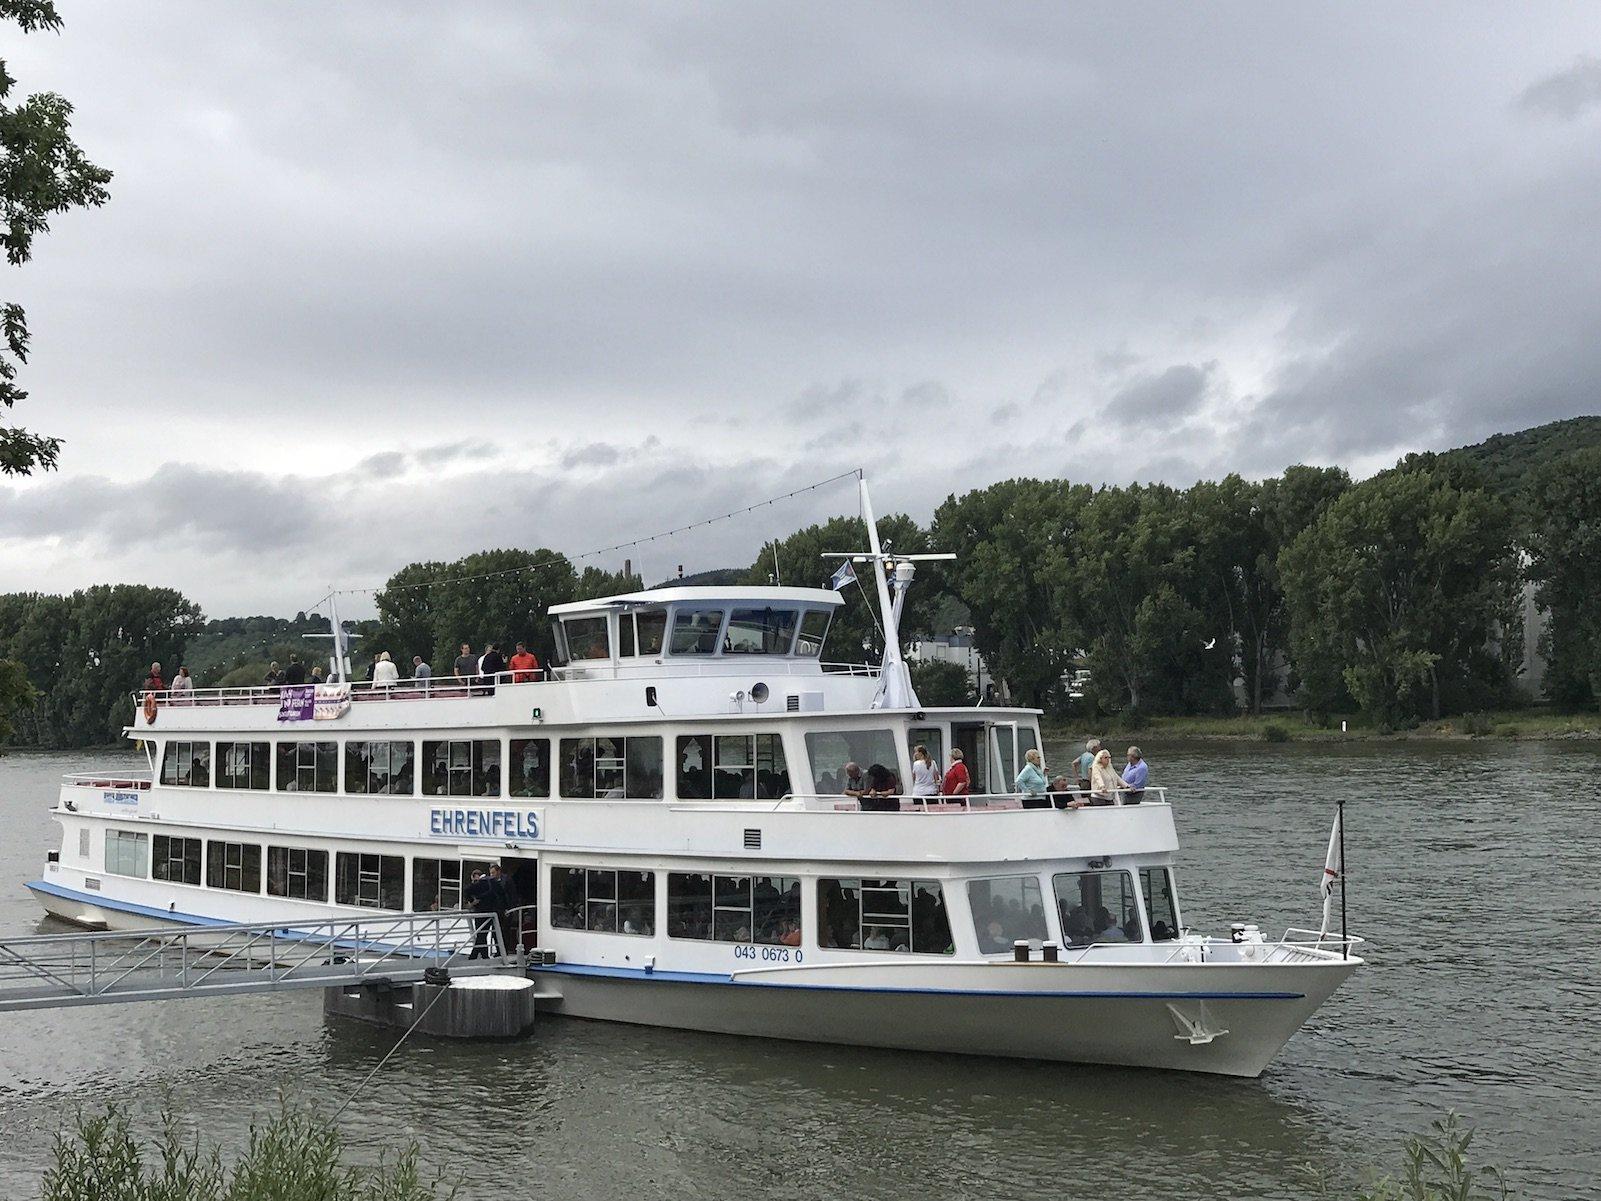 Unser Schiff, die MS Ehrenfels, für Rhein in Flammen in Spay / Koblenz